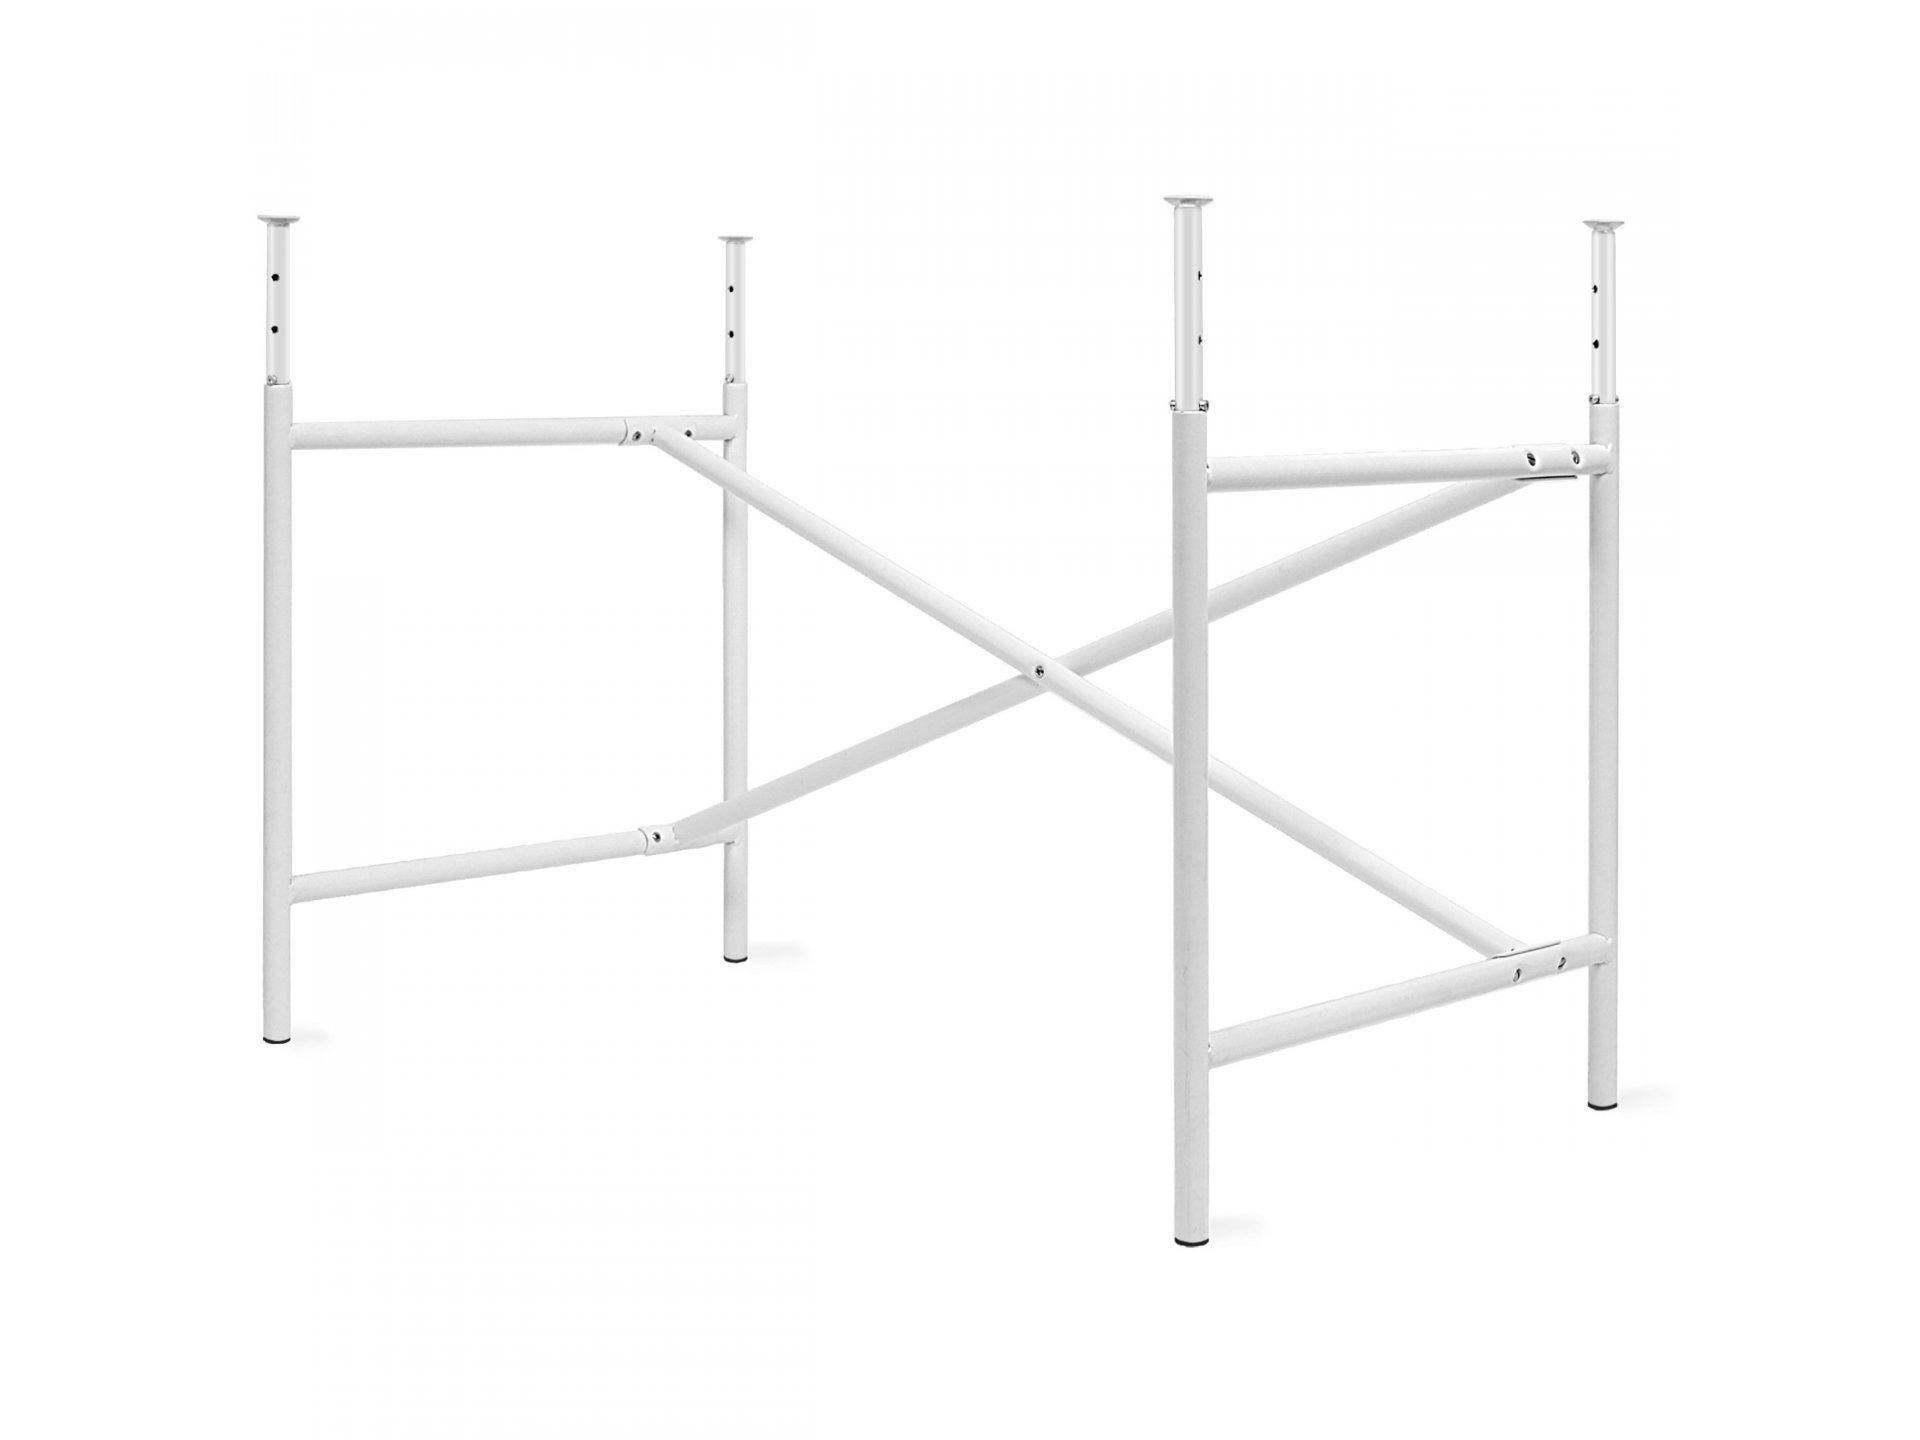 Tischbock Höhenverstellbar kindertisch e2 set jetzt kaufen modulor